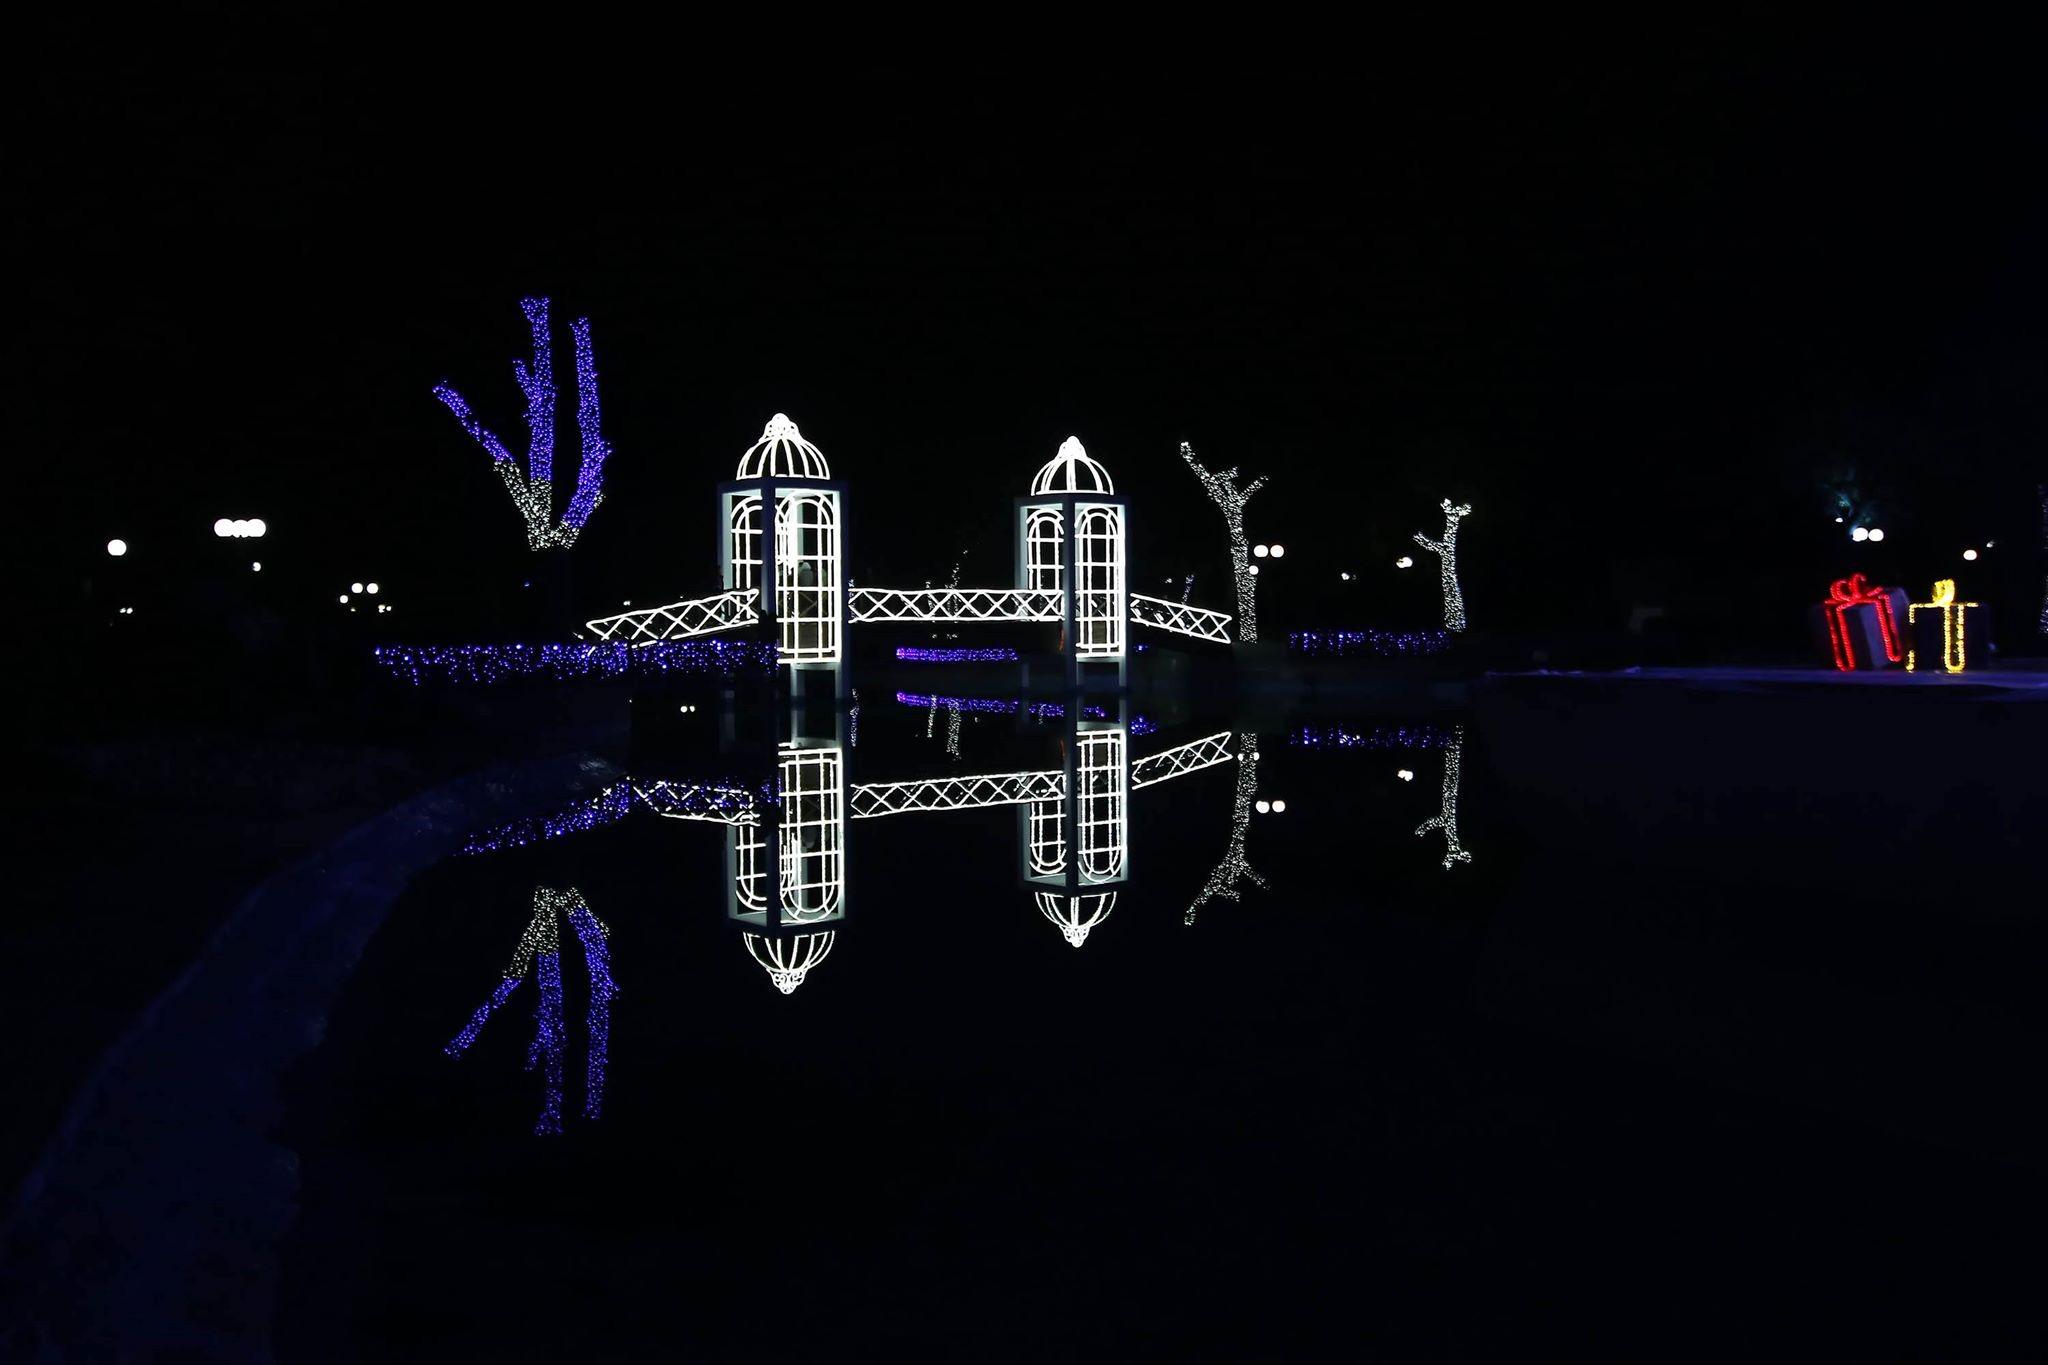 Χριστούγεννα στη Λάρισα και το Πάρκο των Ευχών (Video)